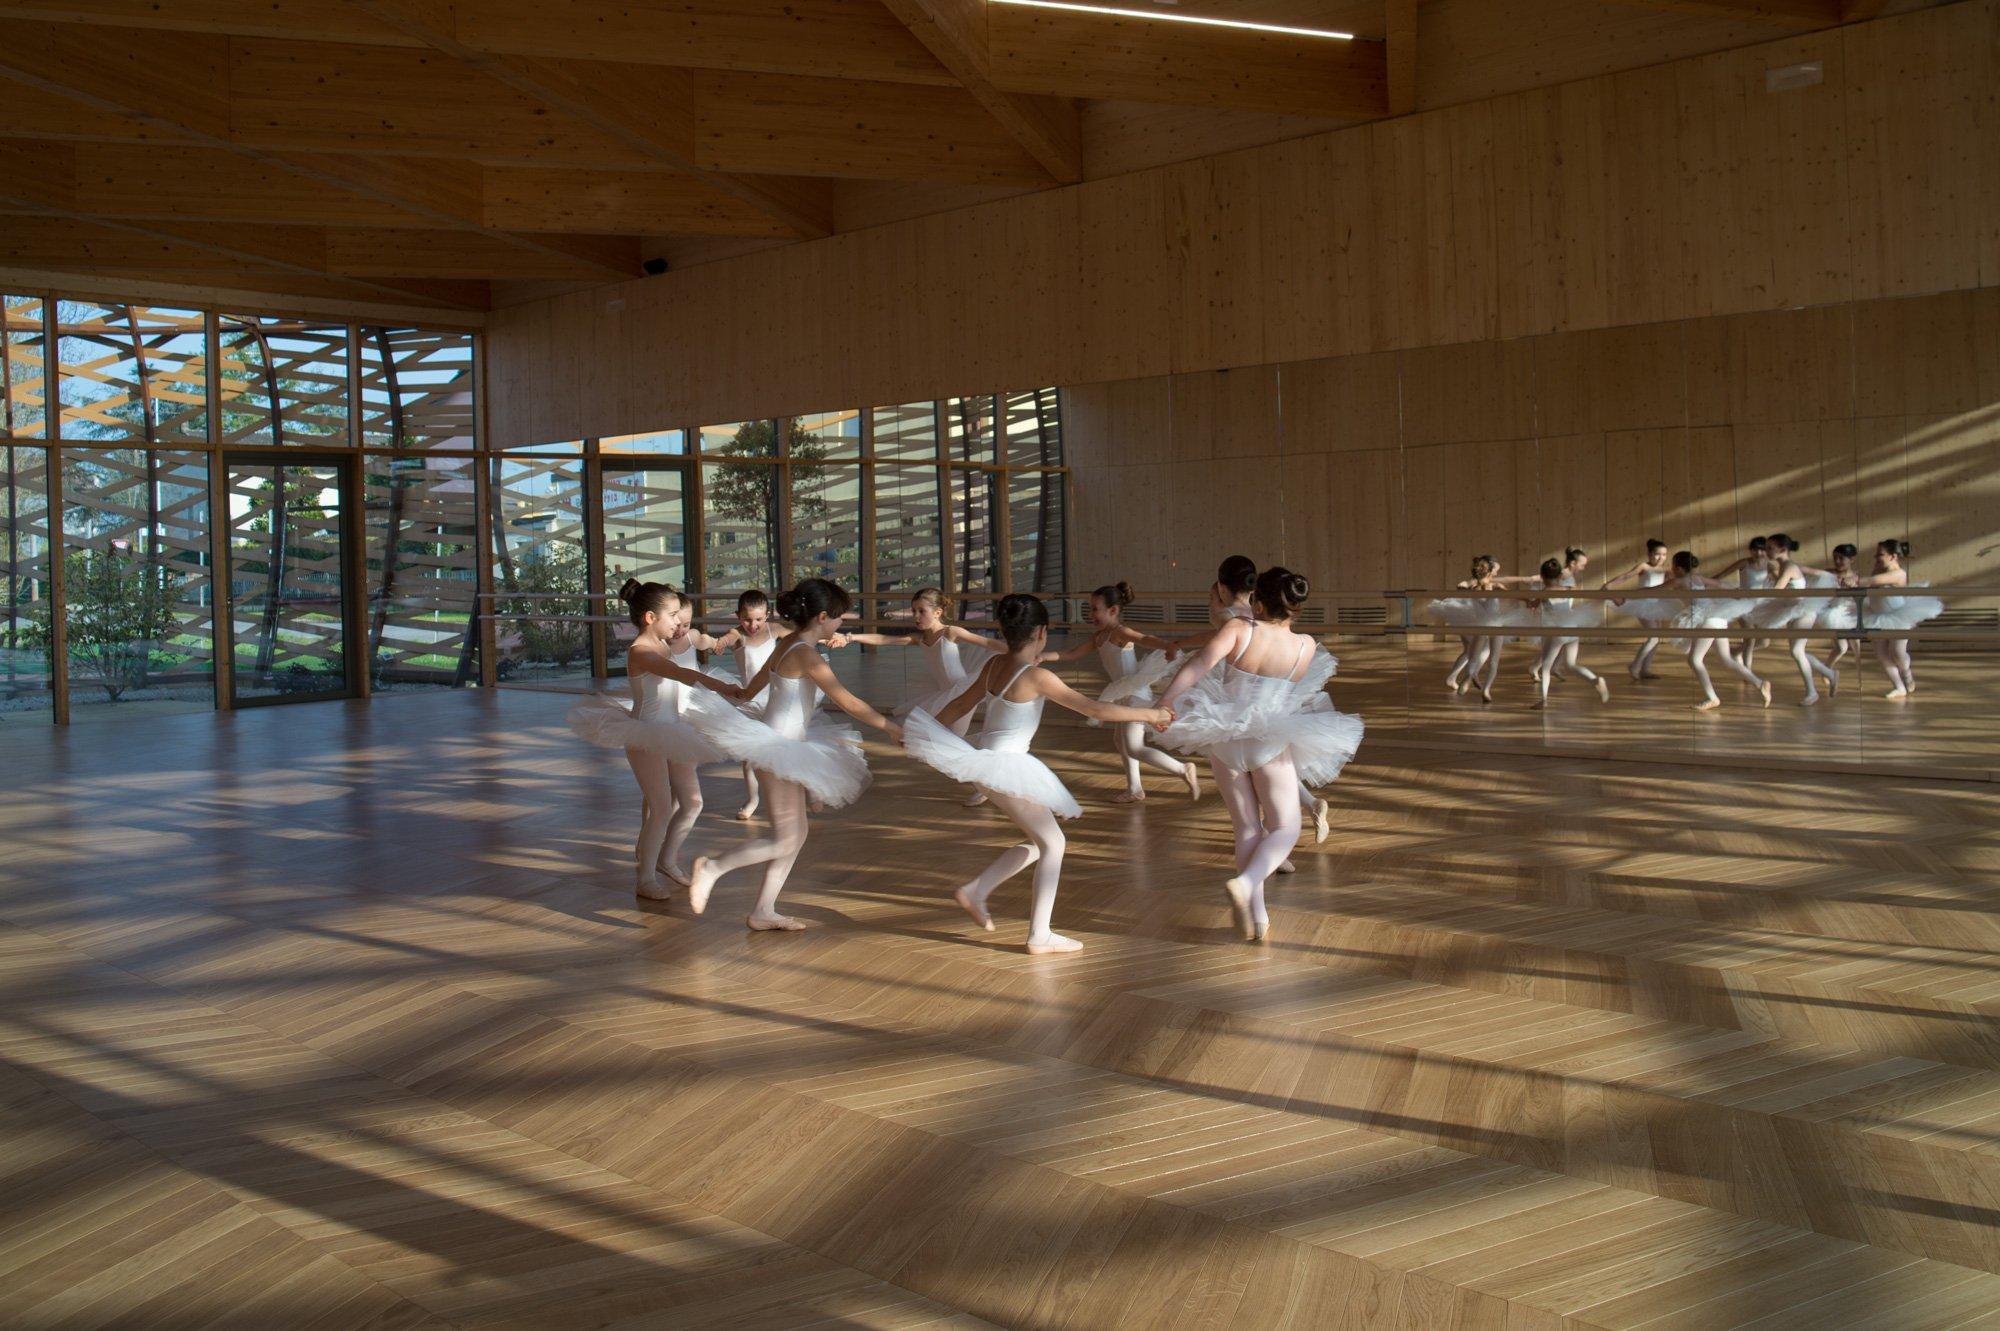 Scuola di danza reggiolo for Arredamento scuola di danza